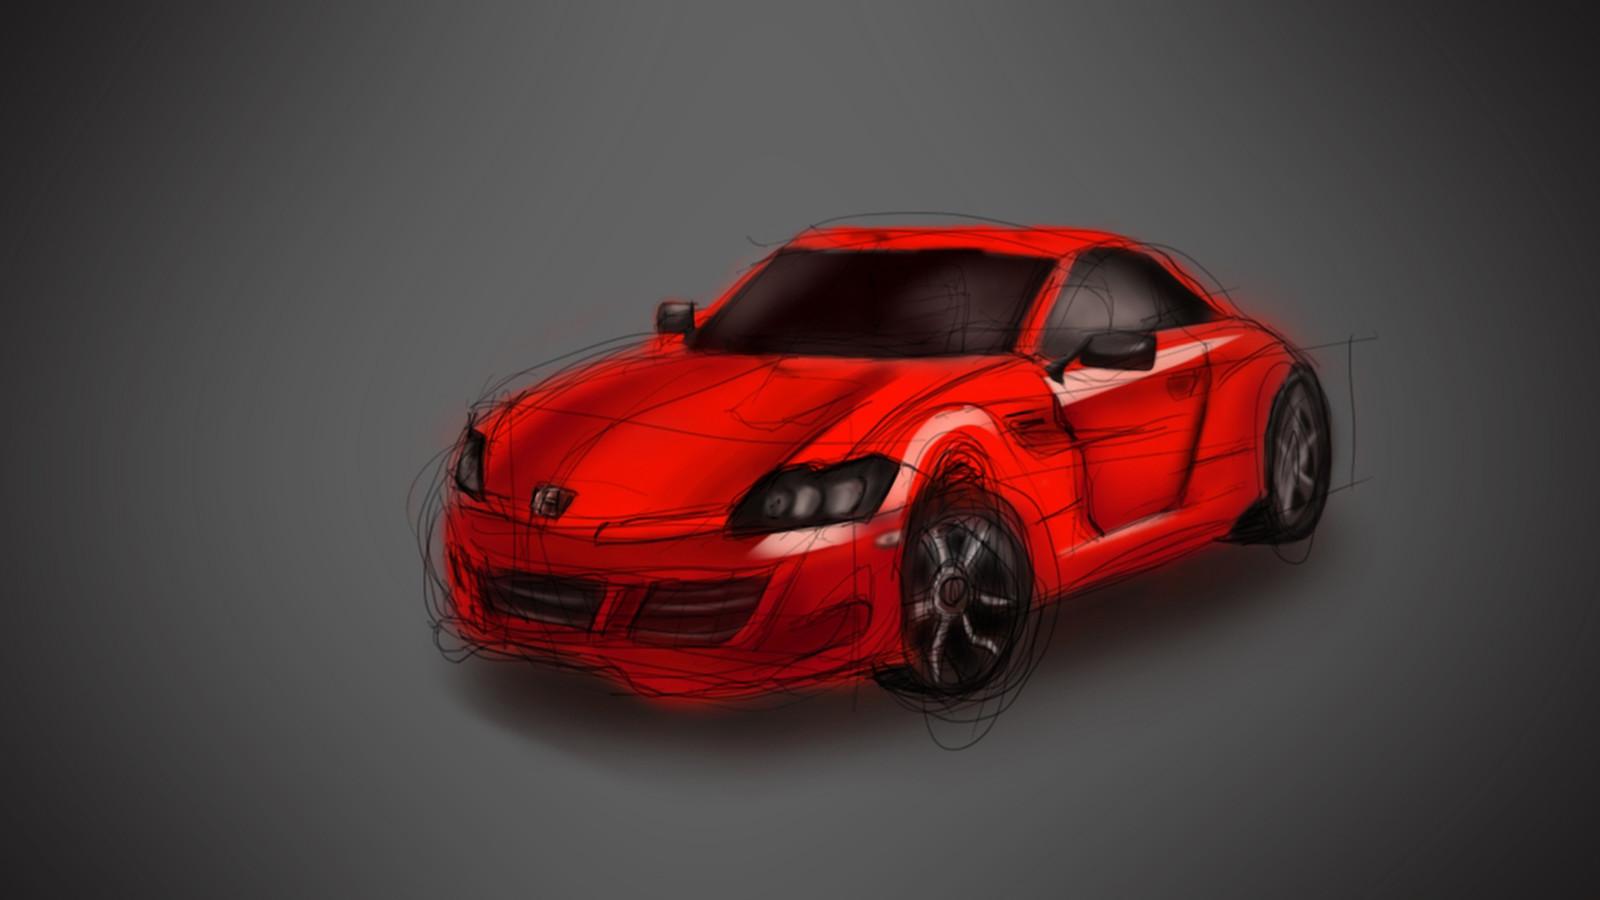 Quick sketch of a car.